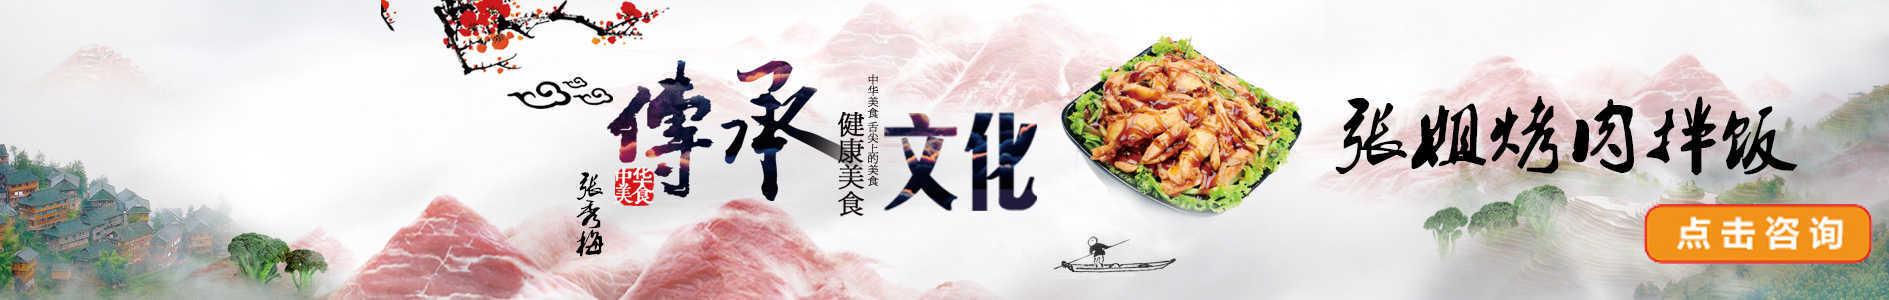 张秀梅-张姐烤肉拌饭总部 banner